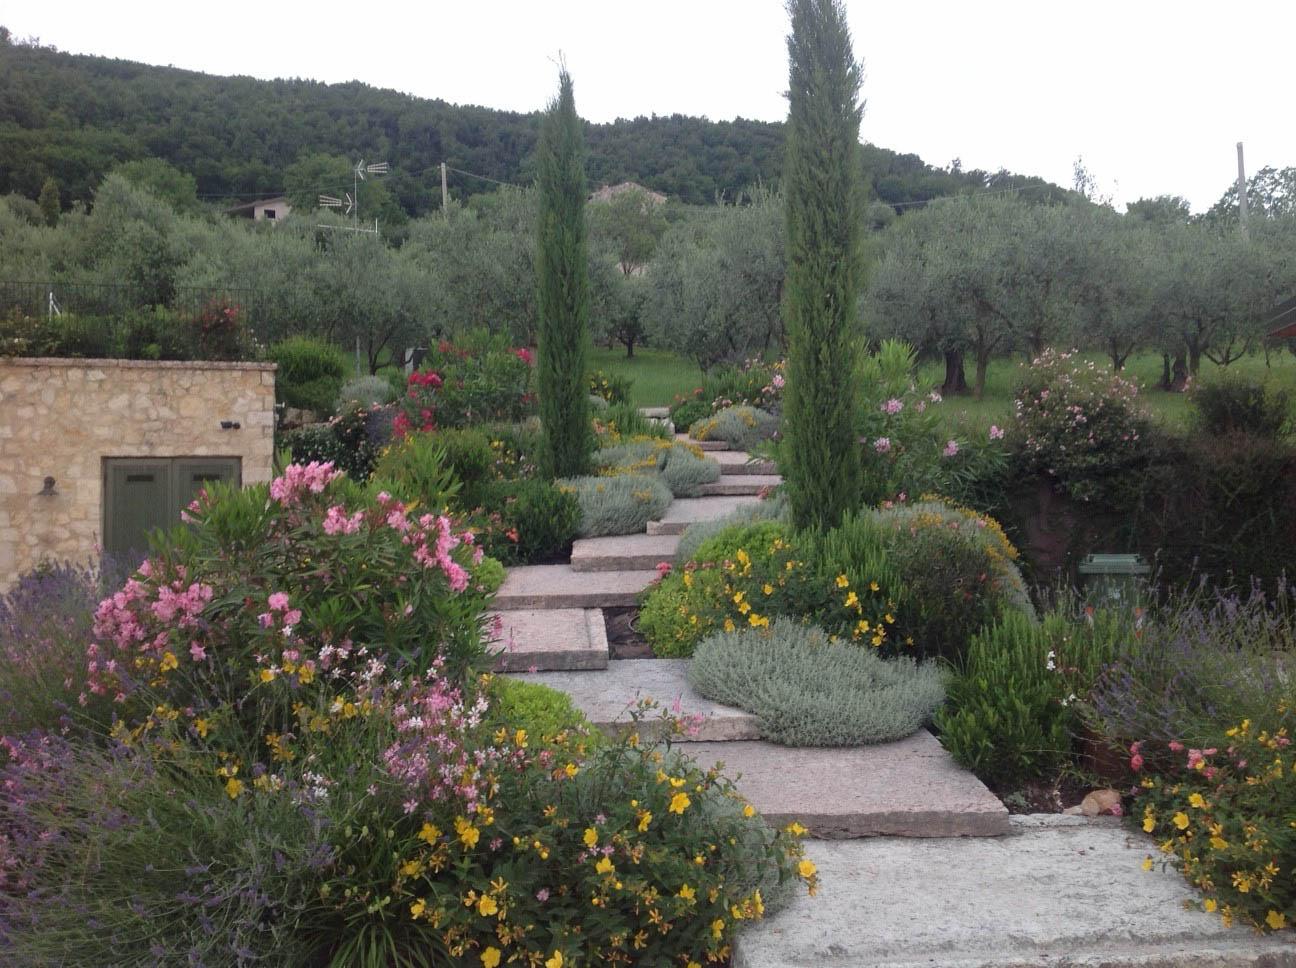 Bellamoli giardini giardini provenzali - Giardini foto immagini ...